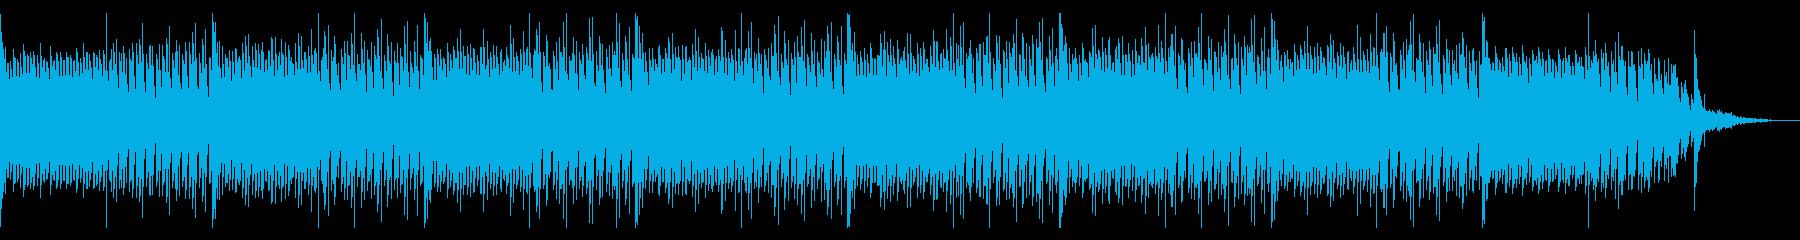 民族音楽的マリンバ・報道・医療・冷静の再生済みの波形